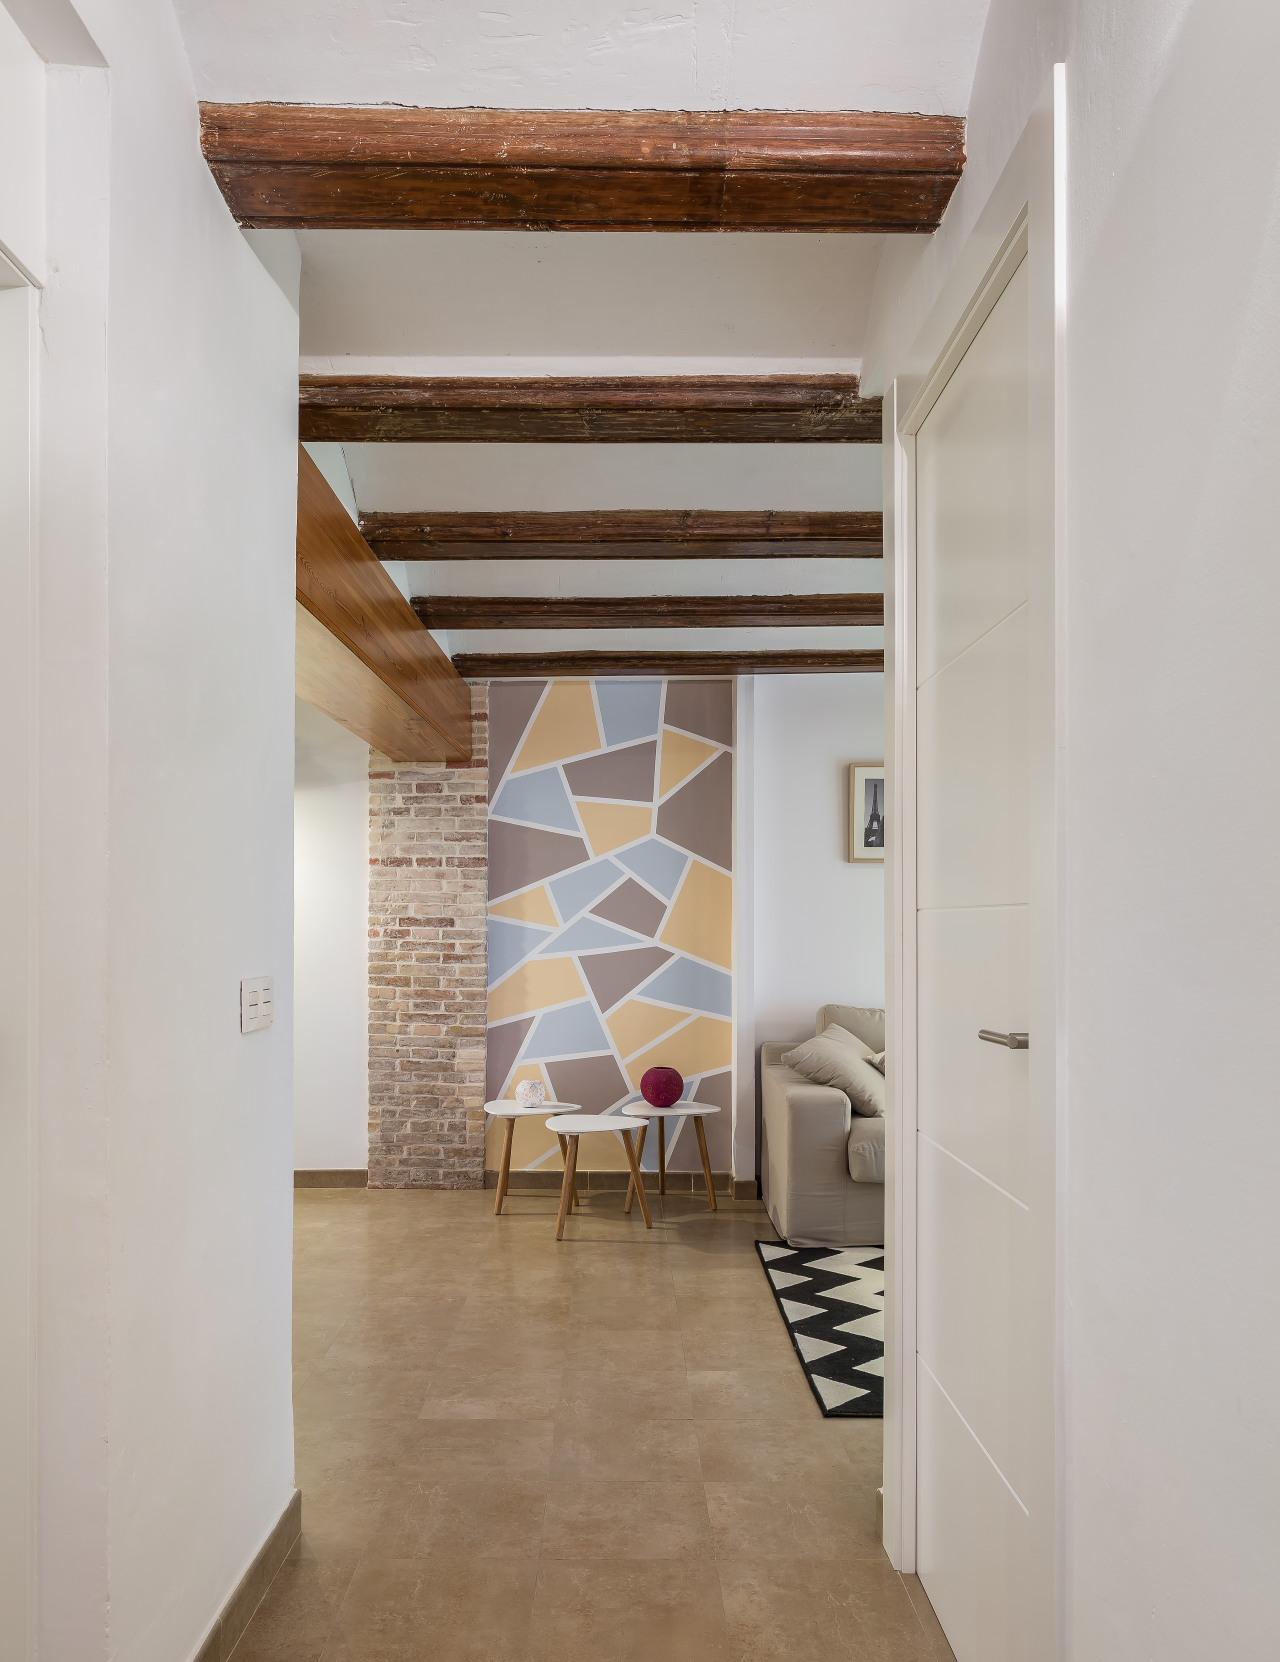 fotografia-arquitectura-interiorismo-valencia-german-cabo-lliberos-naquera-pyf (1)